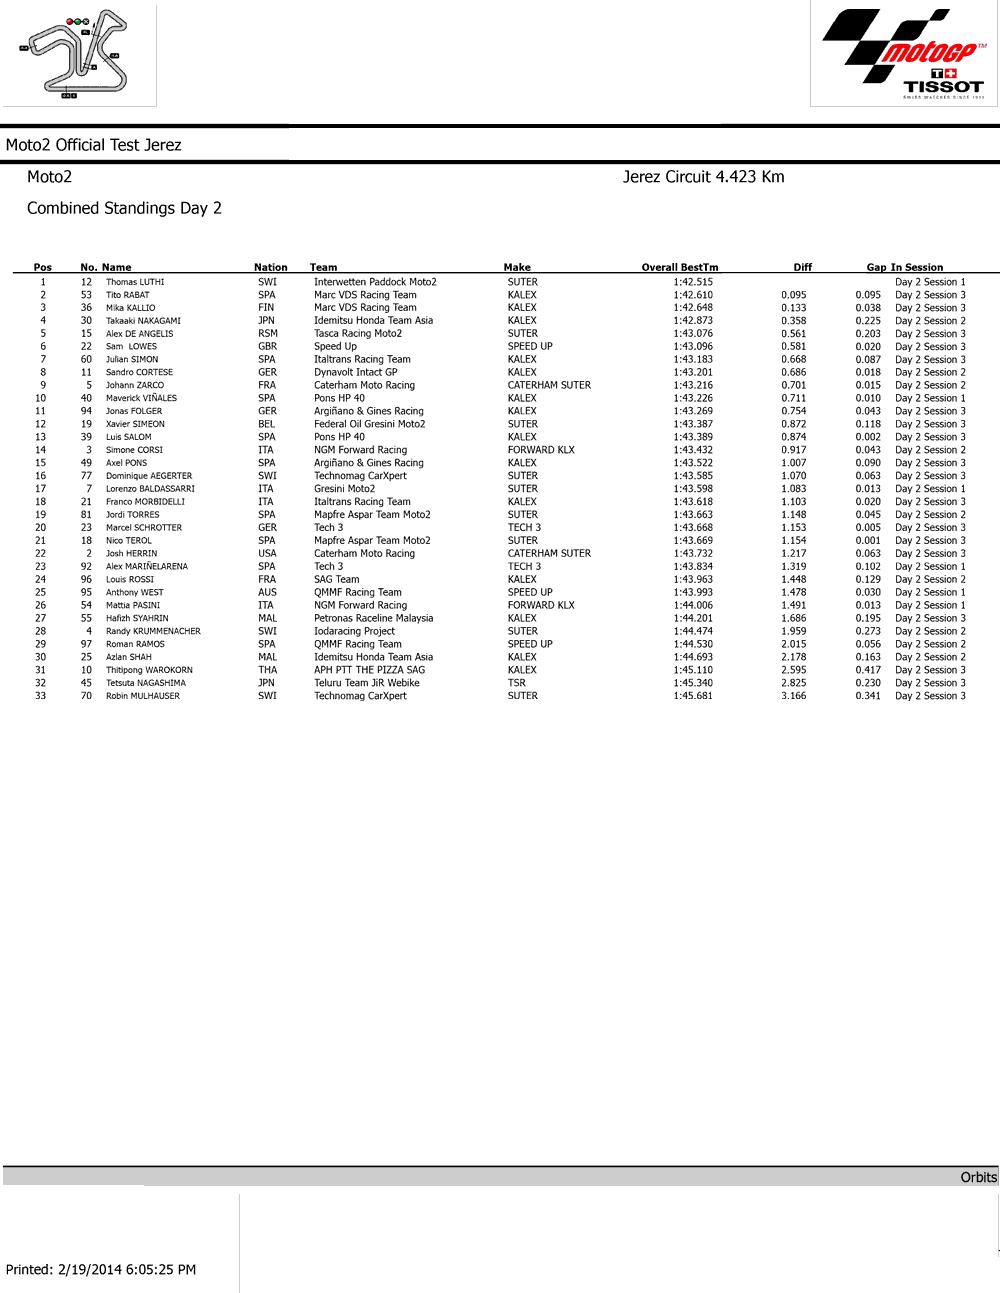 Результаты второго дня официальных тестов Moto2 2014 в Хересе